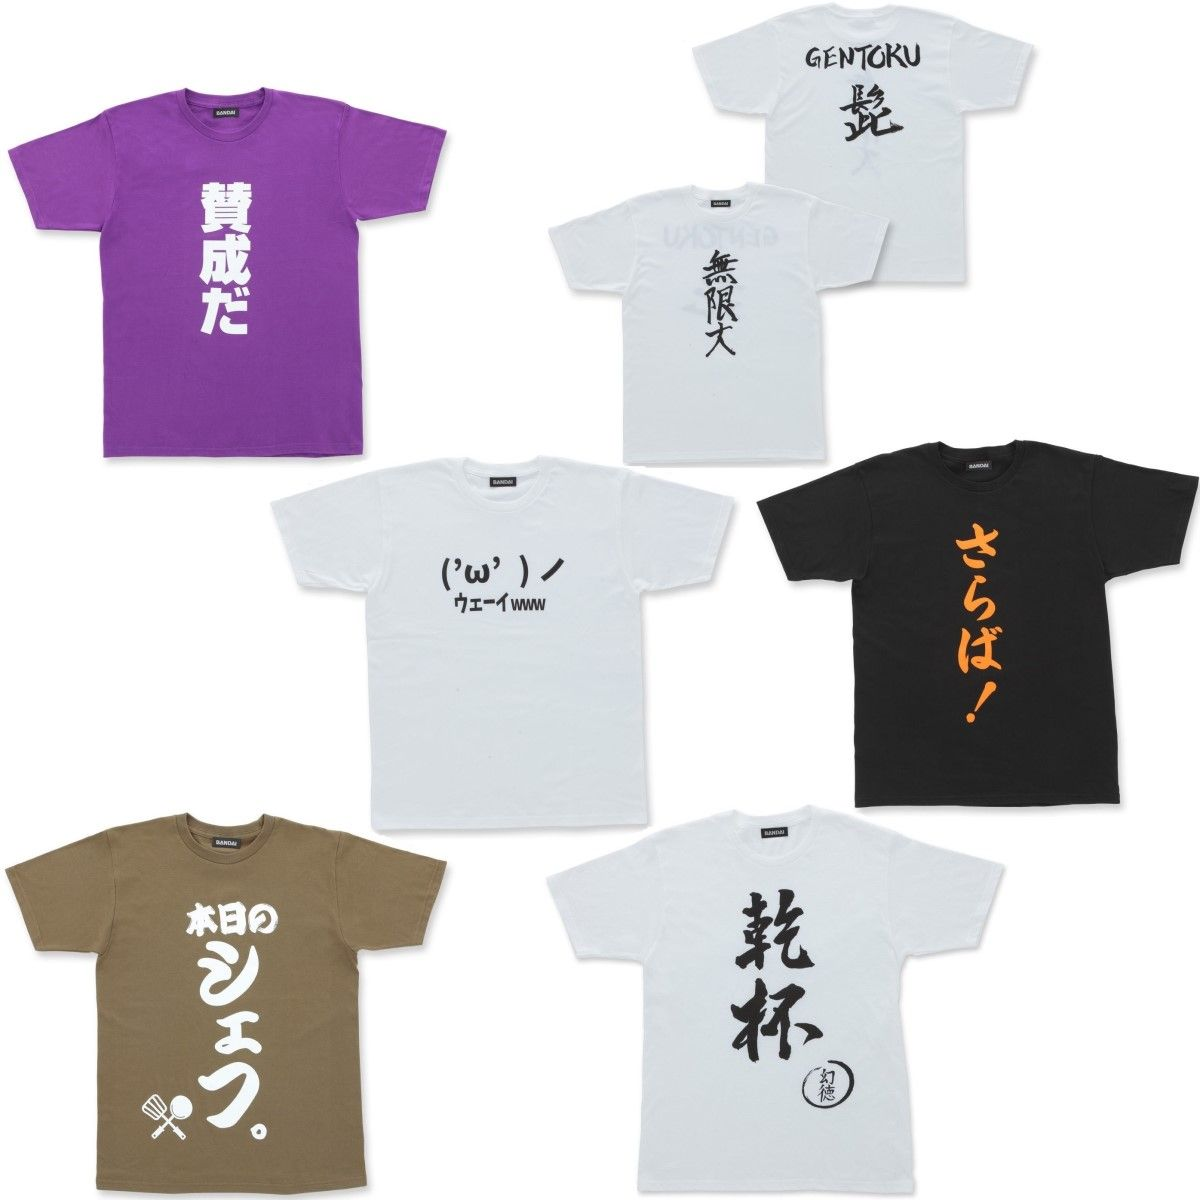 Gentoku Himuro T-shirts II—Kamen Rider Build